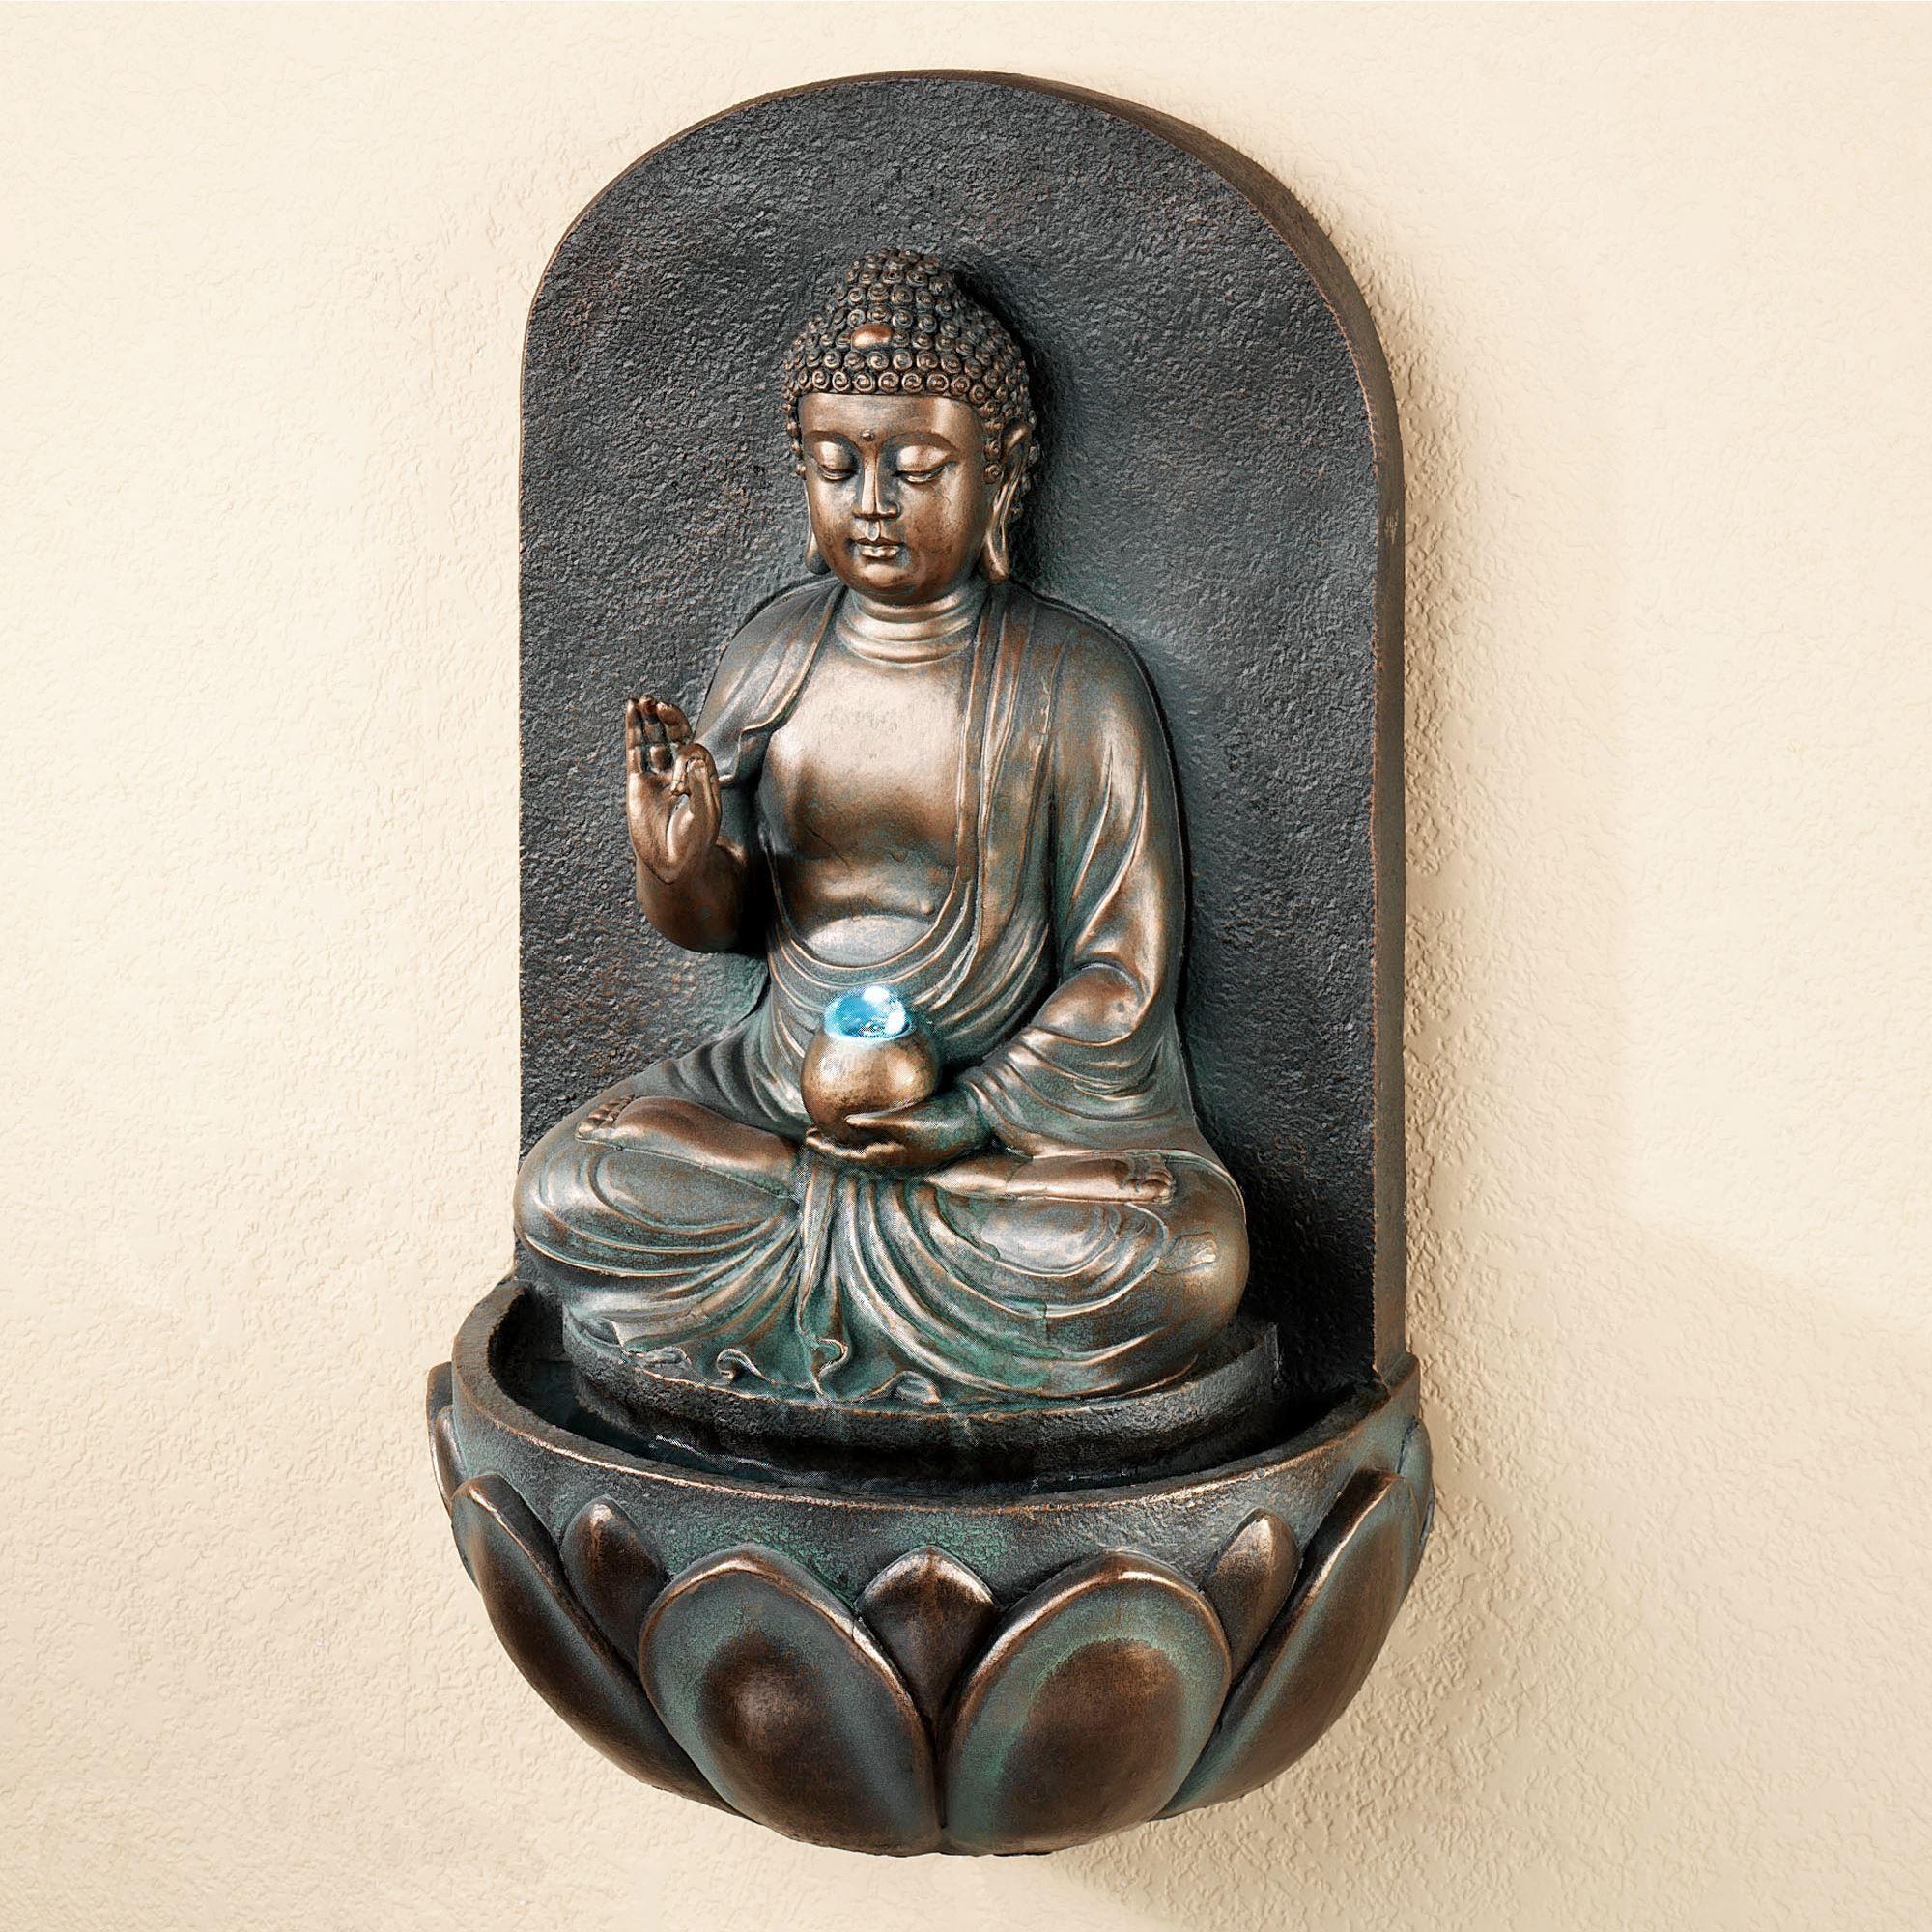 Reflecting Buddha Indoor Outdoor Wall Water Fountain Indoor Water Fountains Water Fountain Fountains